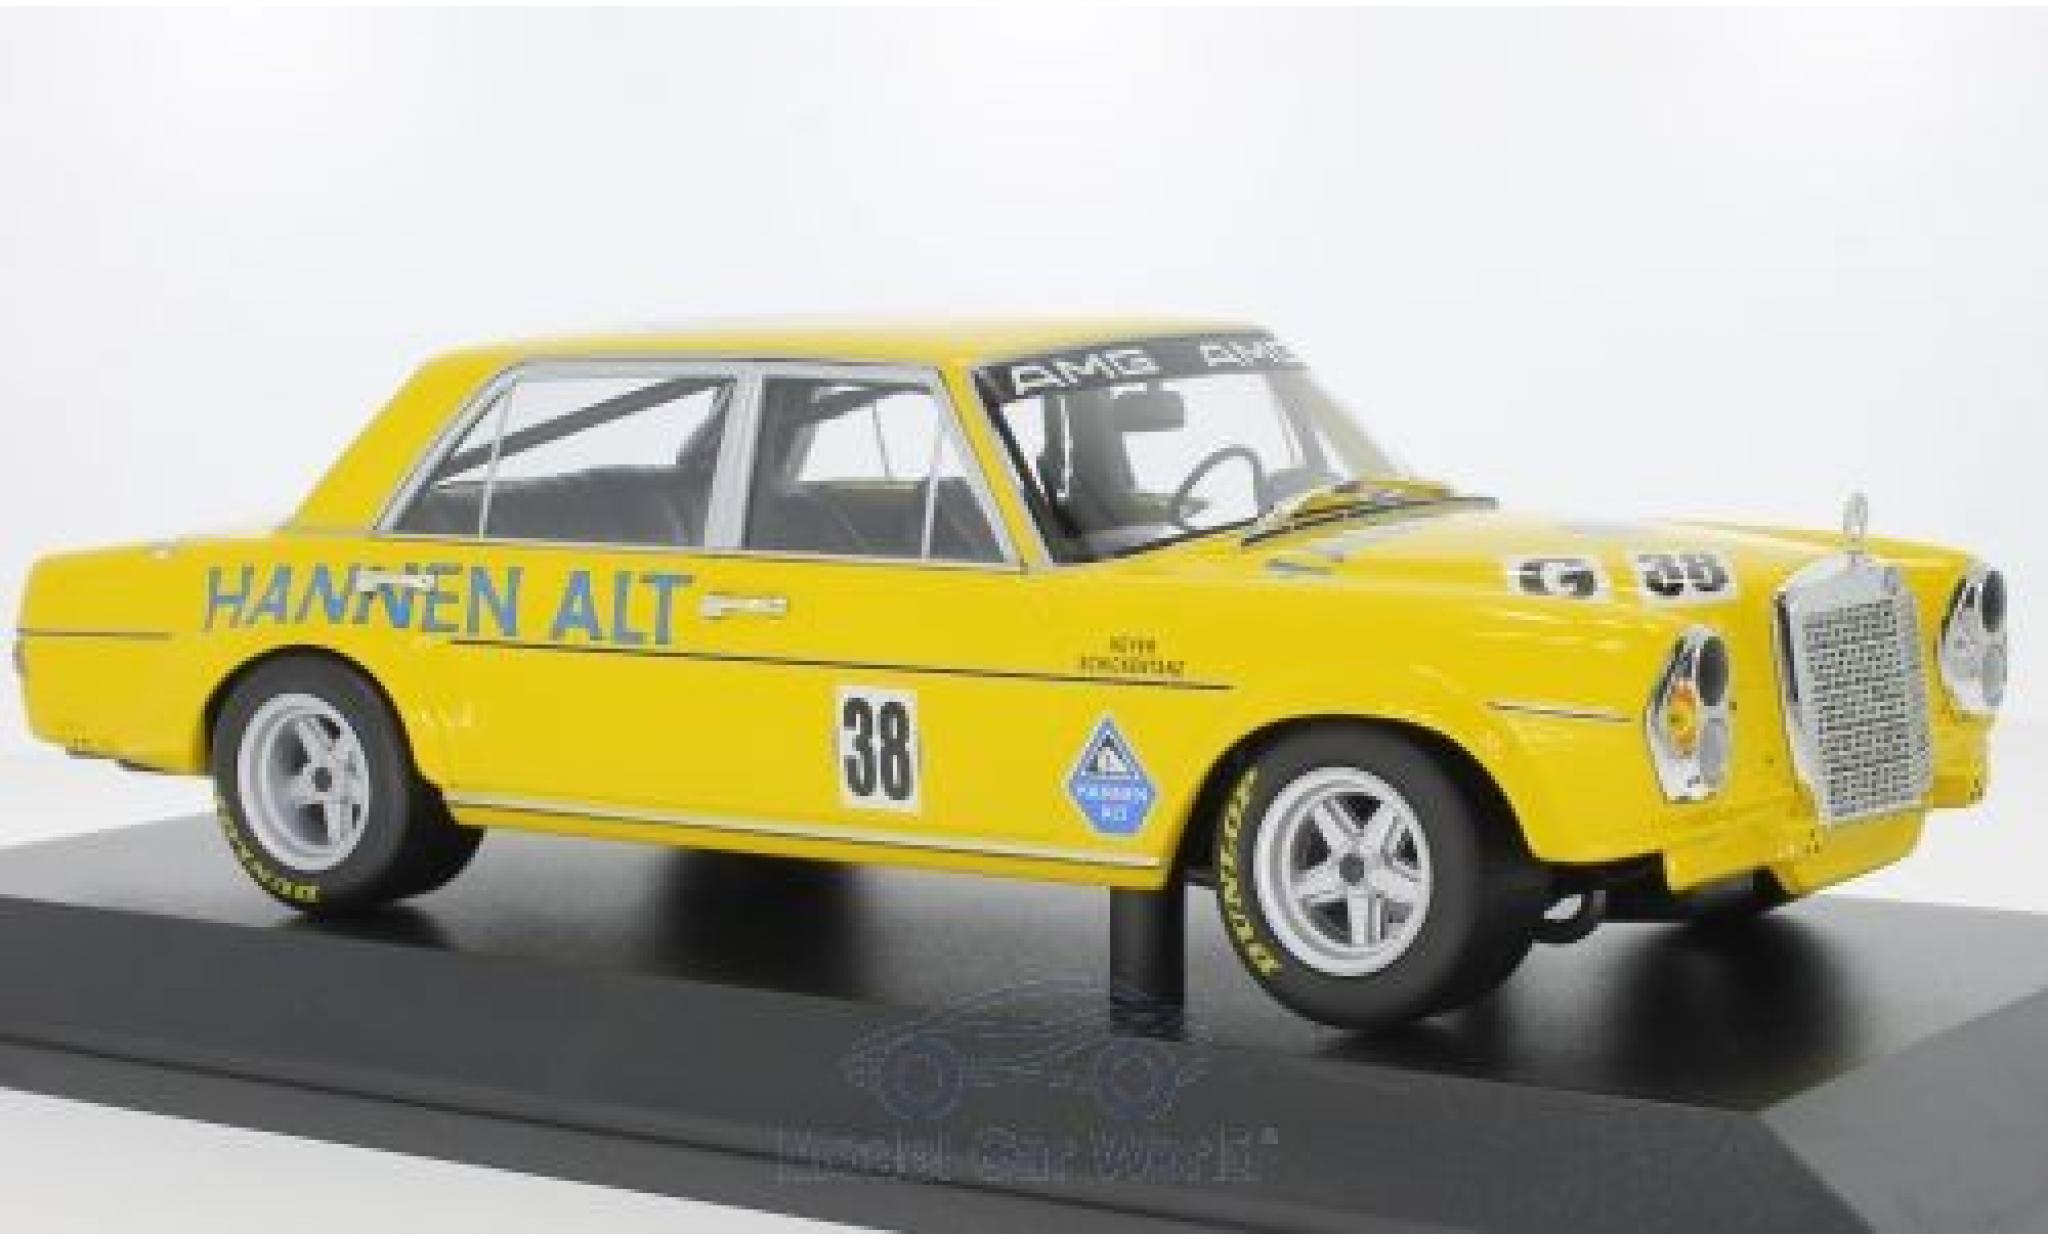 Mercedes 300 1/18 Minichamps SEL 6.8 No.38 Hannen Alt Hockenheim 1971 H.Heyer